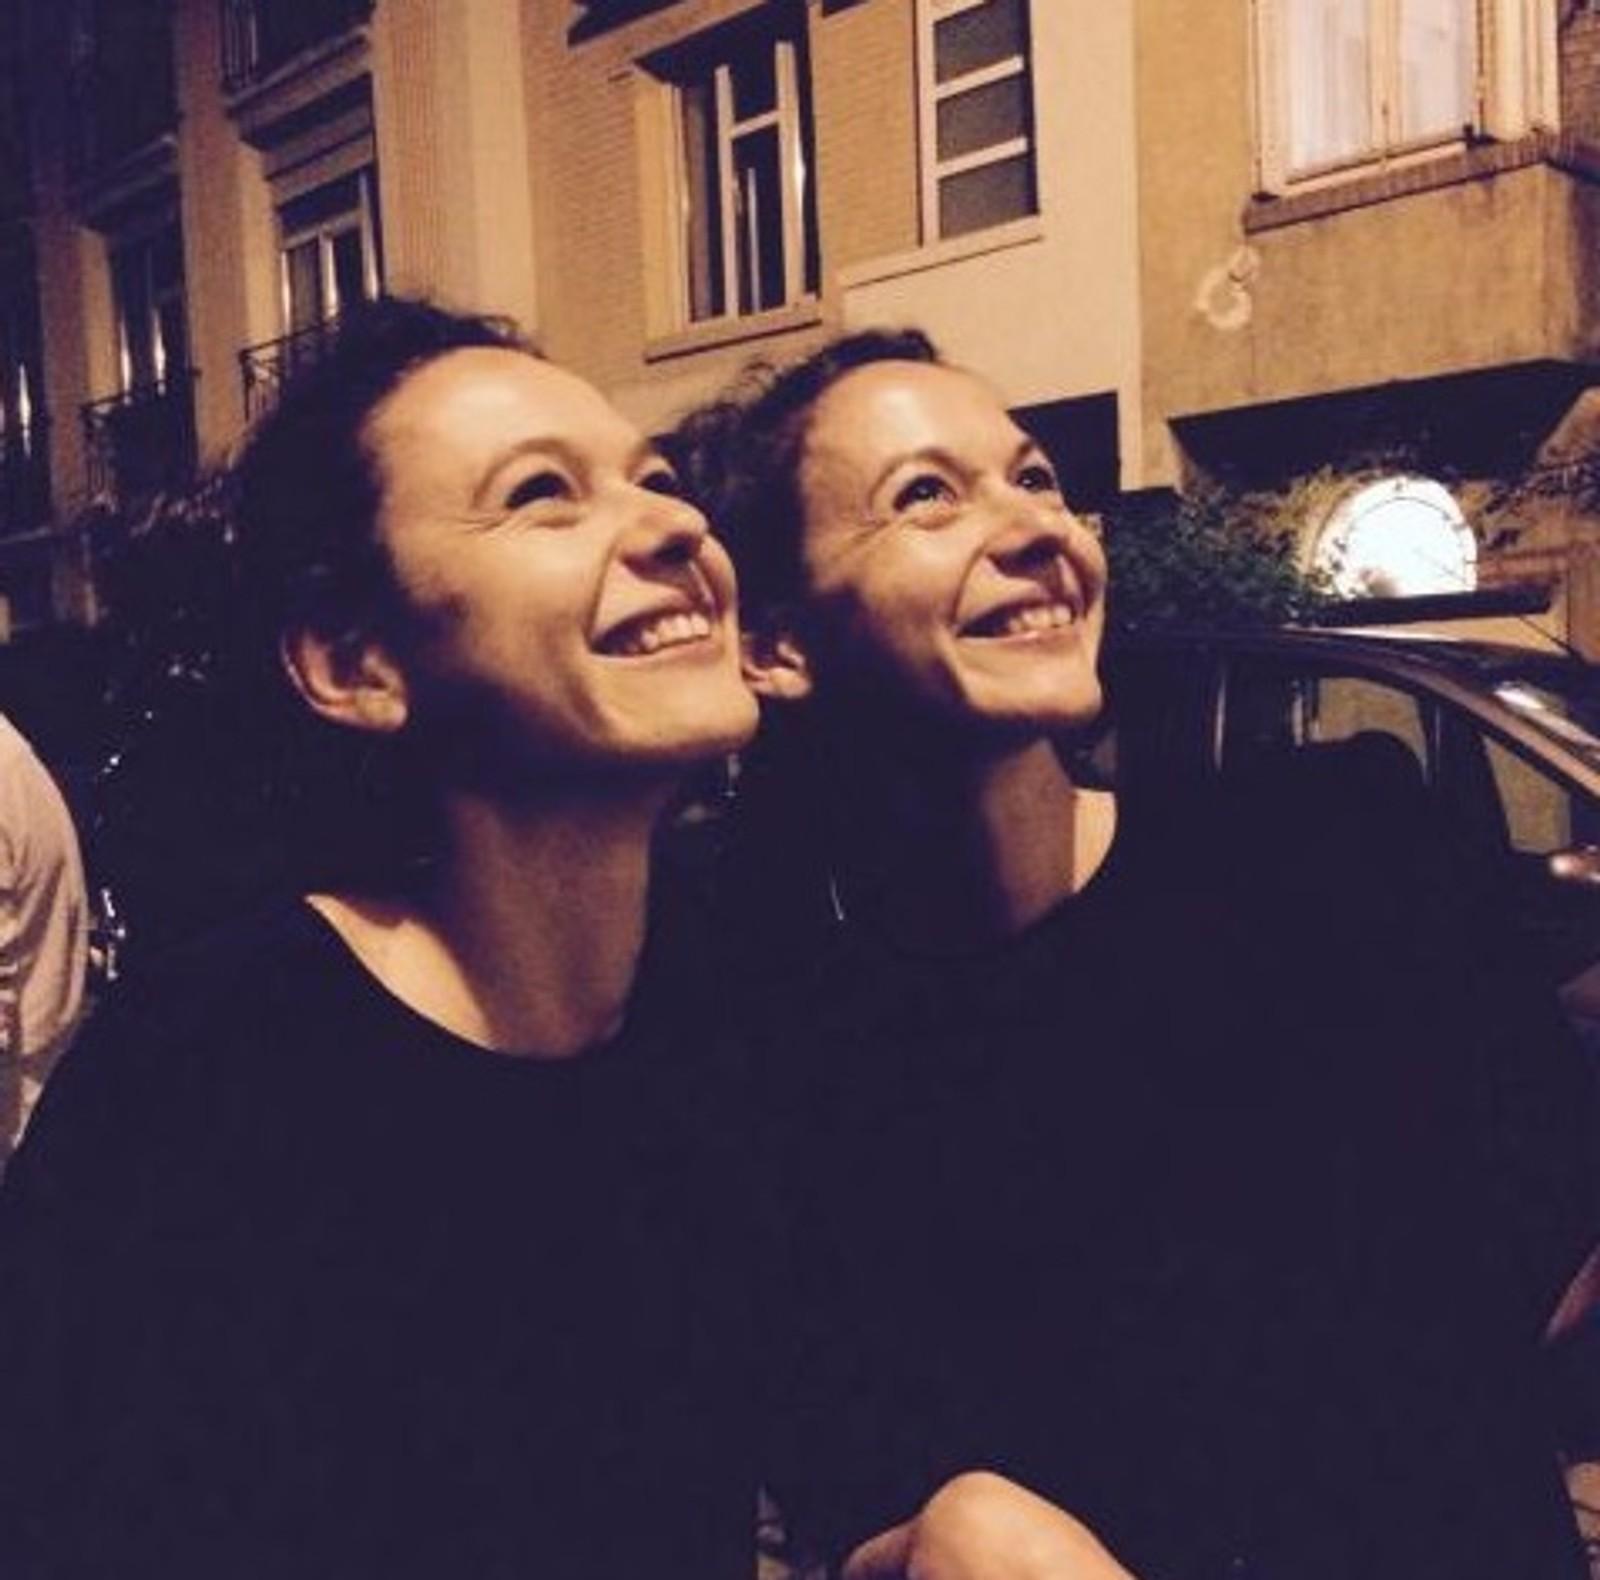 DREPT: Tvillingene Charlotte og Emilie Meaud (begge 27) spiste middag på restauranten Le Carillon. De døde de av skudd fra terrorister. Charlotte jobbet i et gründerfirma, mens søsteren Emilie var arkitekt.